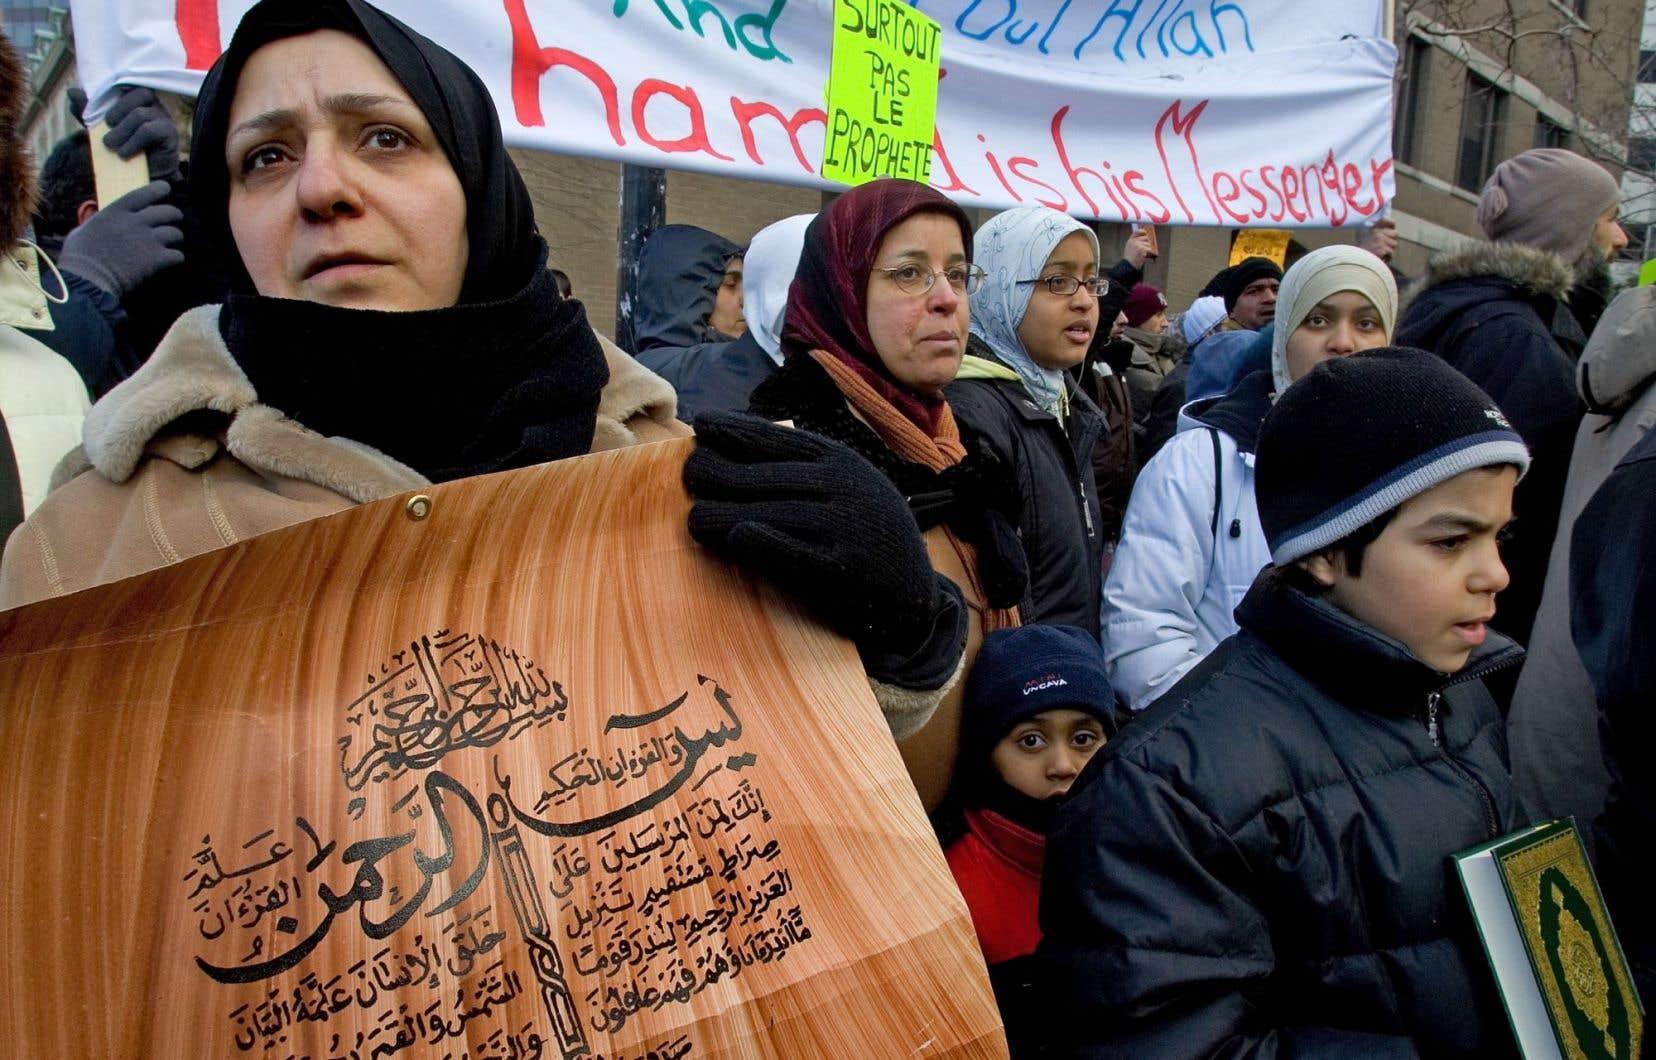 Manifestation à Montréal contre la publication de caricatures de Mahomet